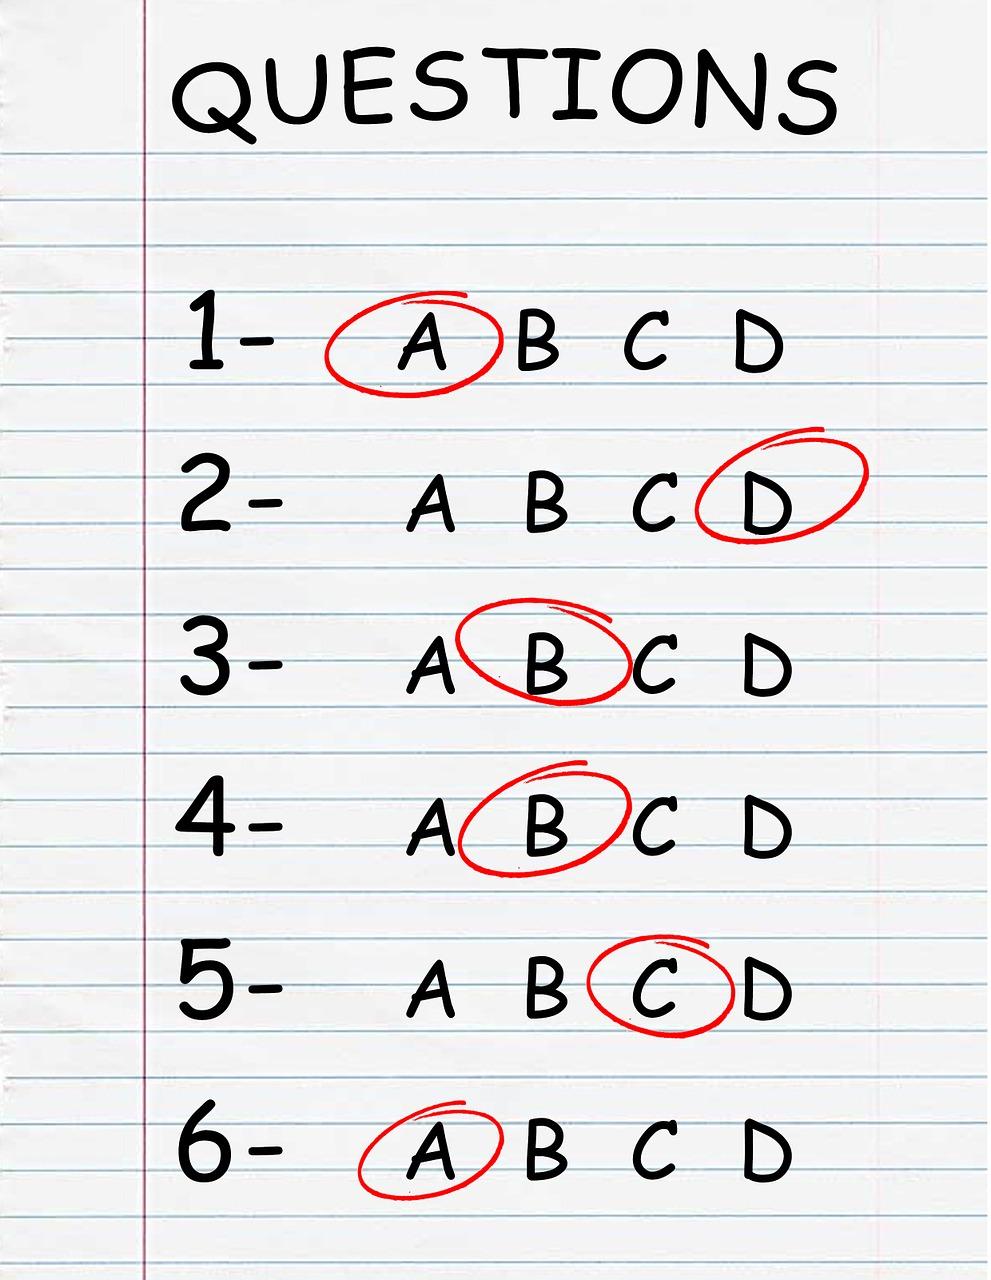 """Kto może przeprowadzać egzamin """" Certyfikat Kompetencji Przewoźnika Drogowego """"dla przewoźników ?"""